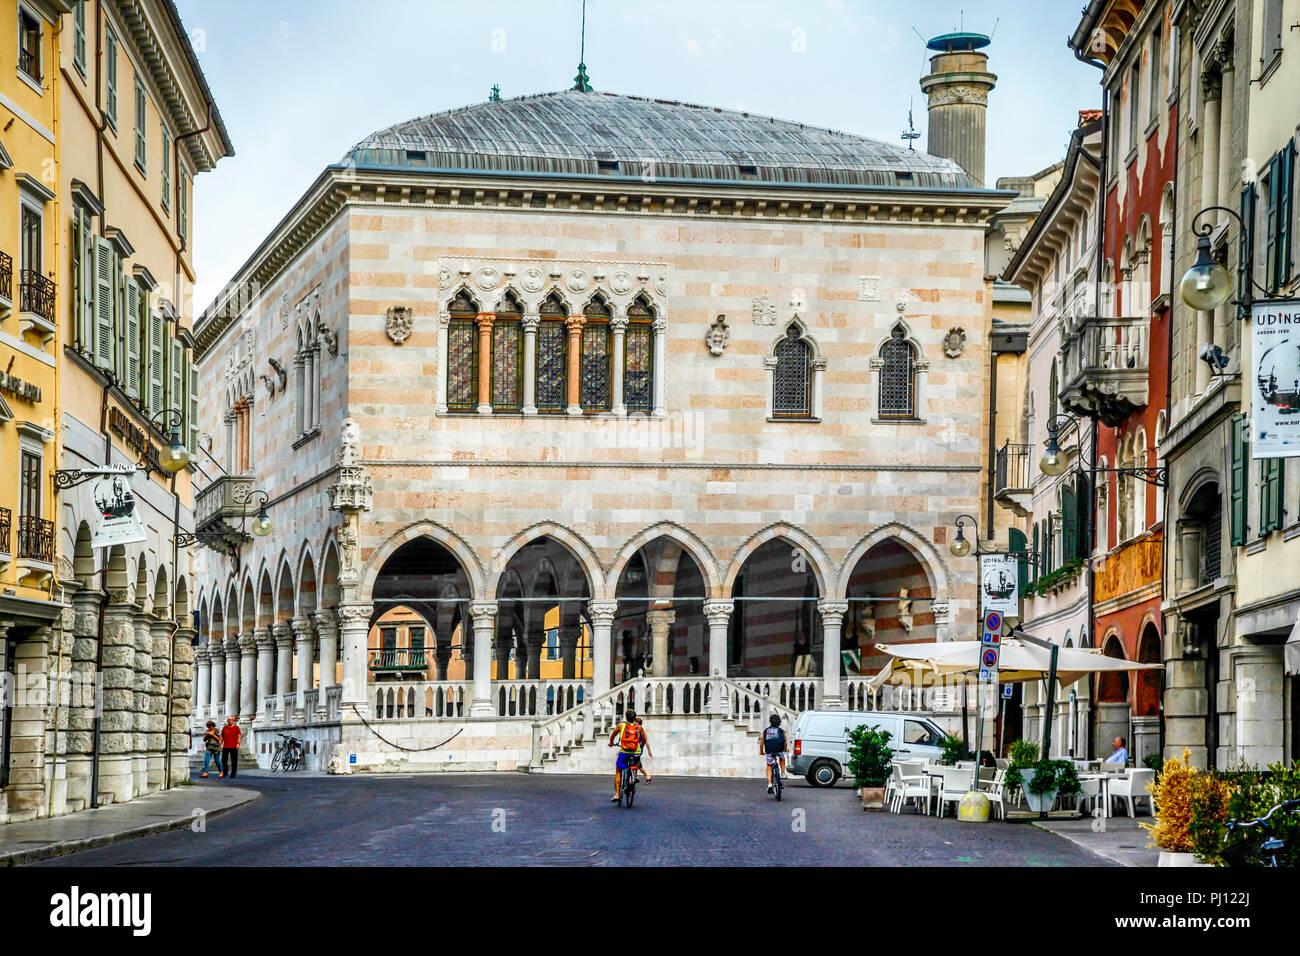 Looking at the Loggia del Lionello in the Piazza della Liberta in Udine, Italy - Stock Image